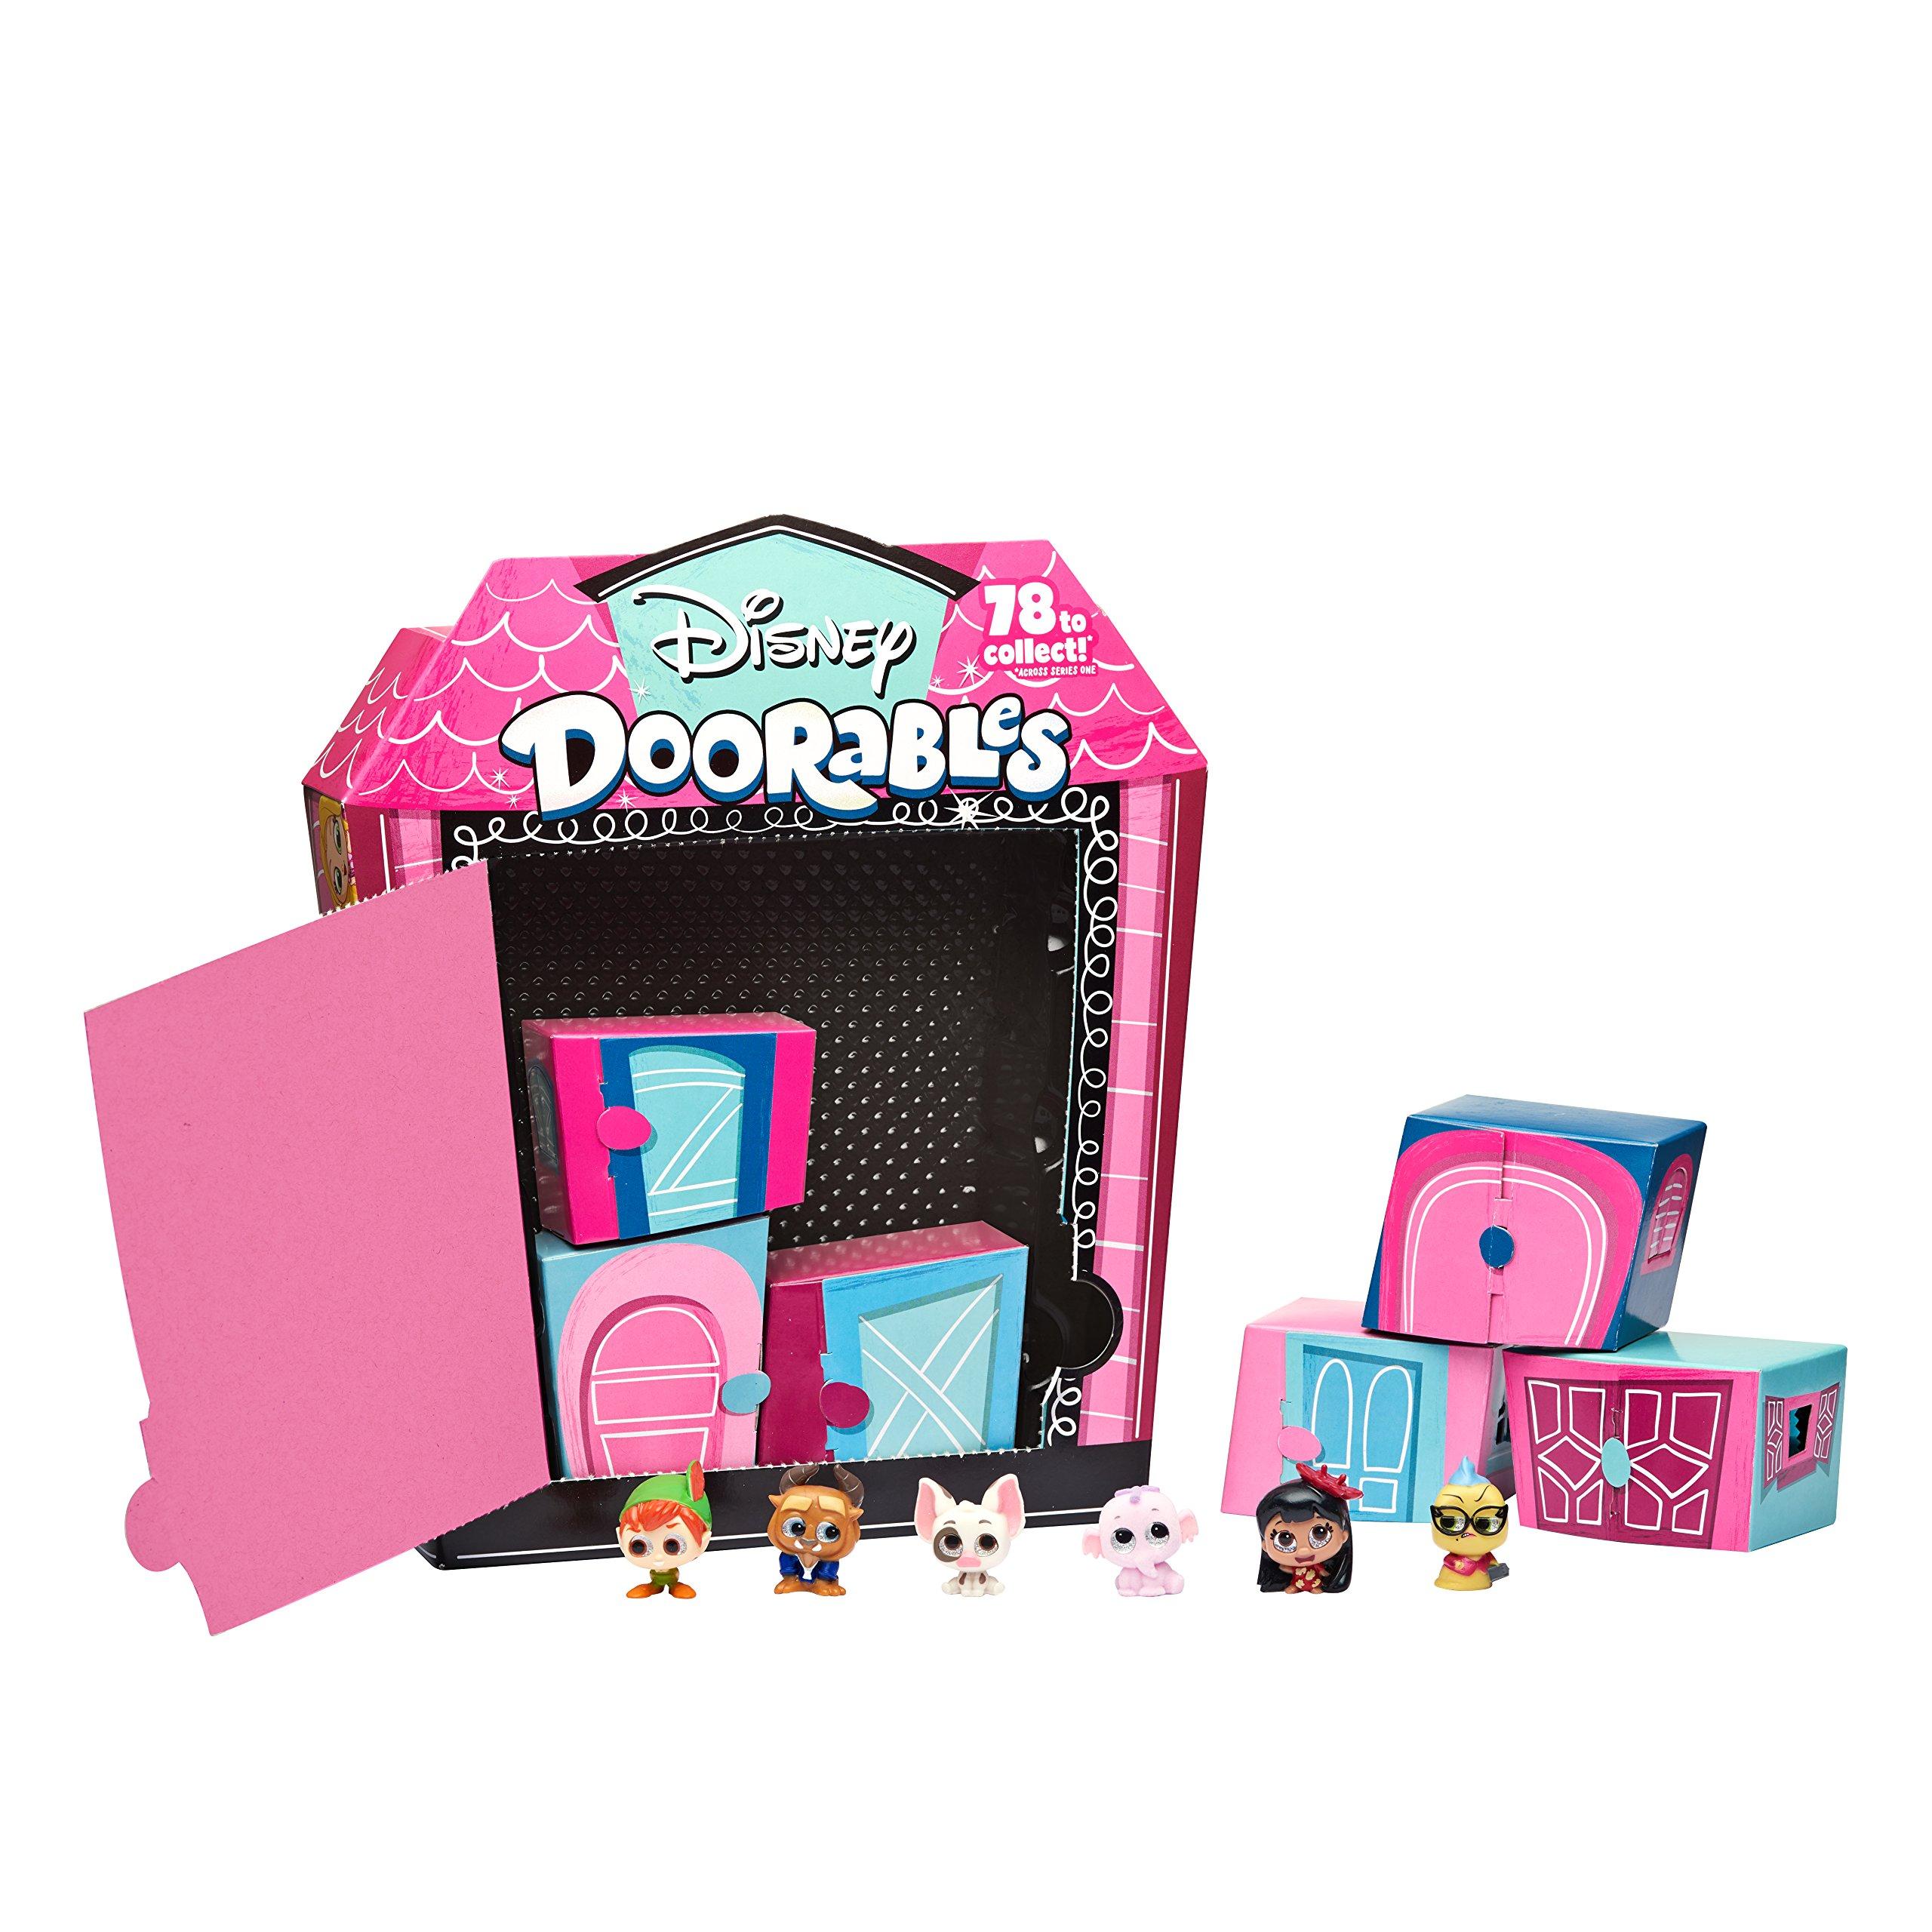 Disney Doorables Multi Peek by Disney Doorables (Image #4)